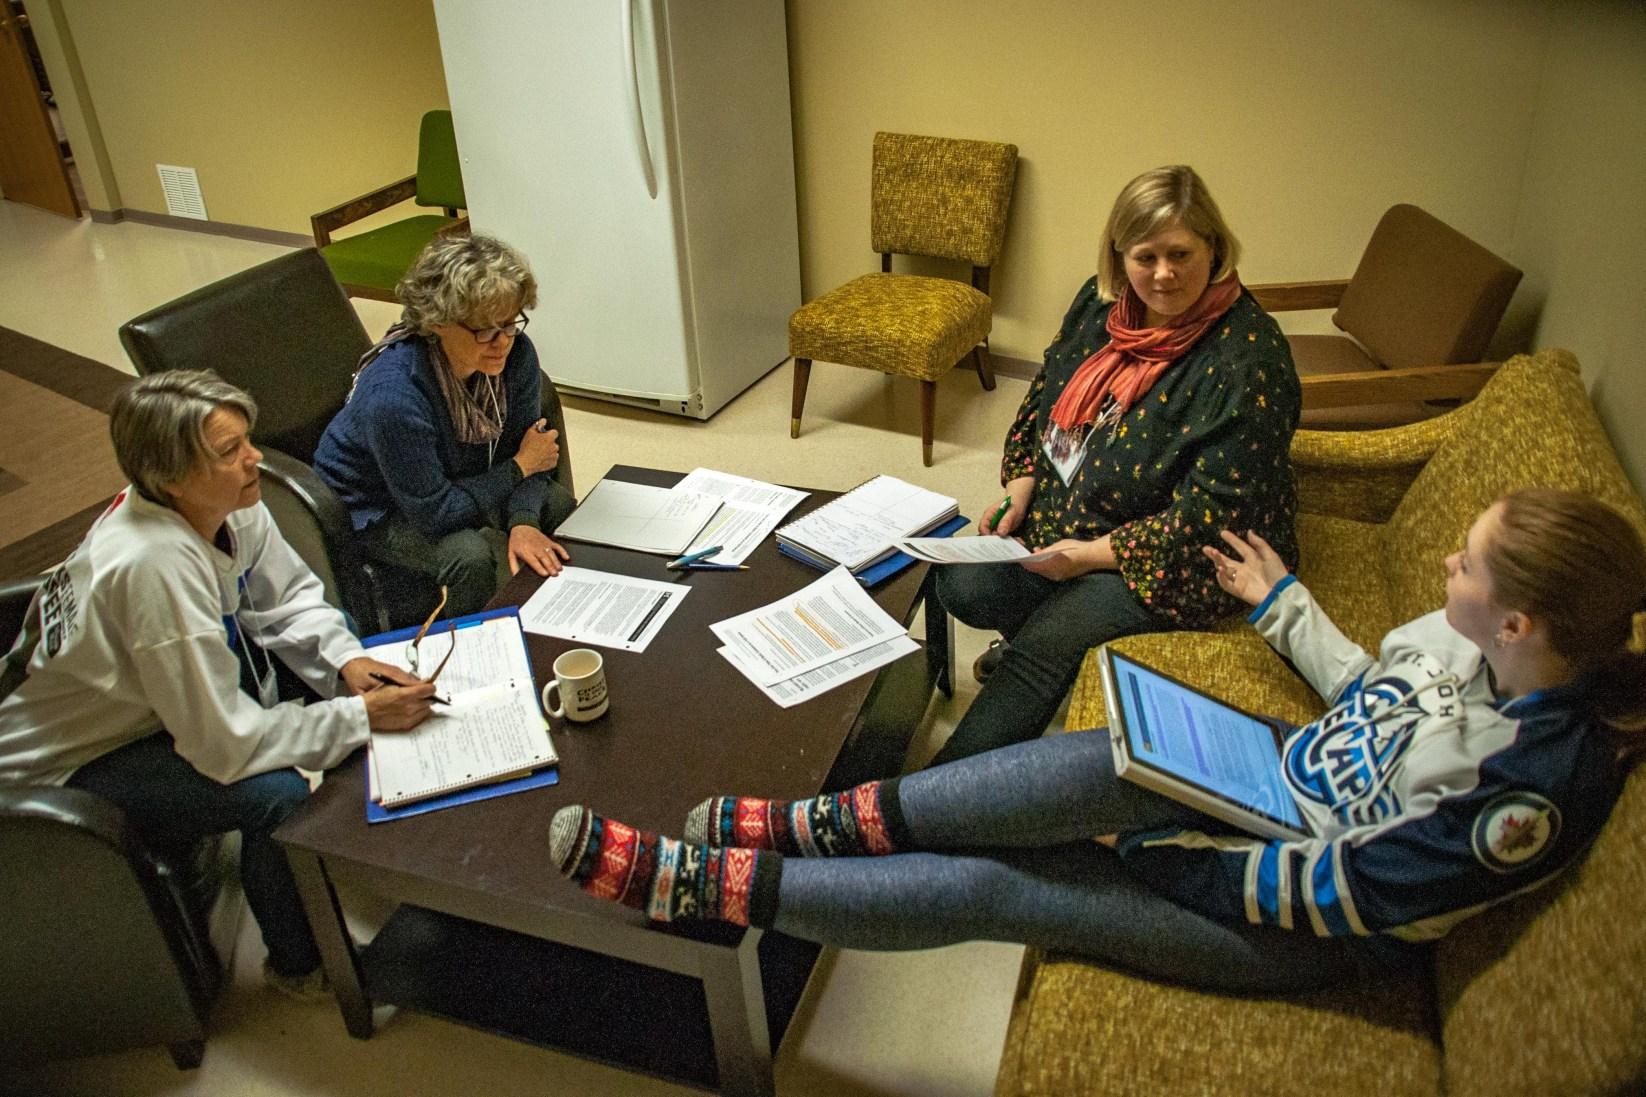 Kim, Barb, Karlene and Rebecca theologize.